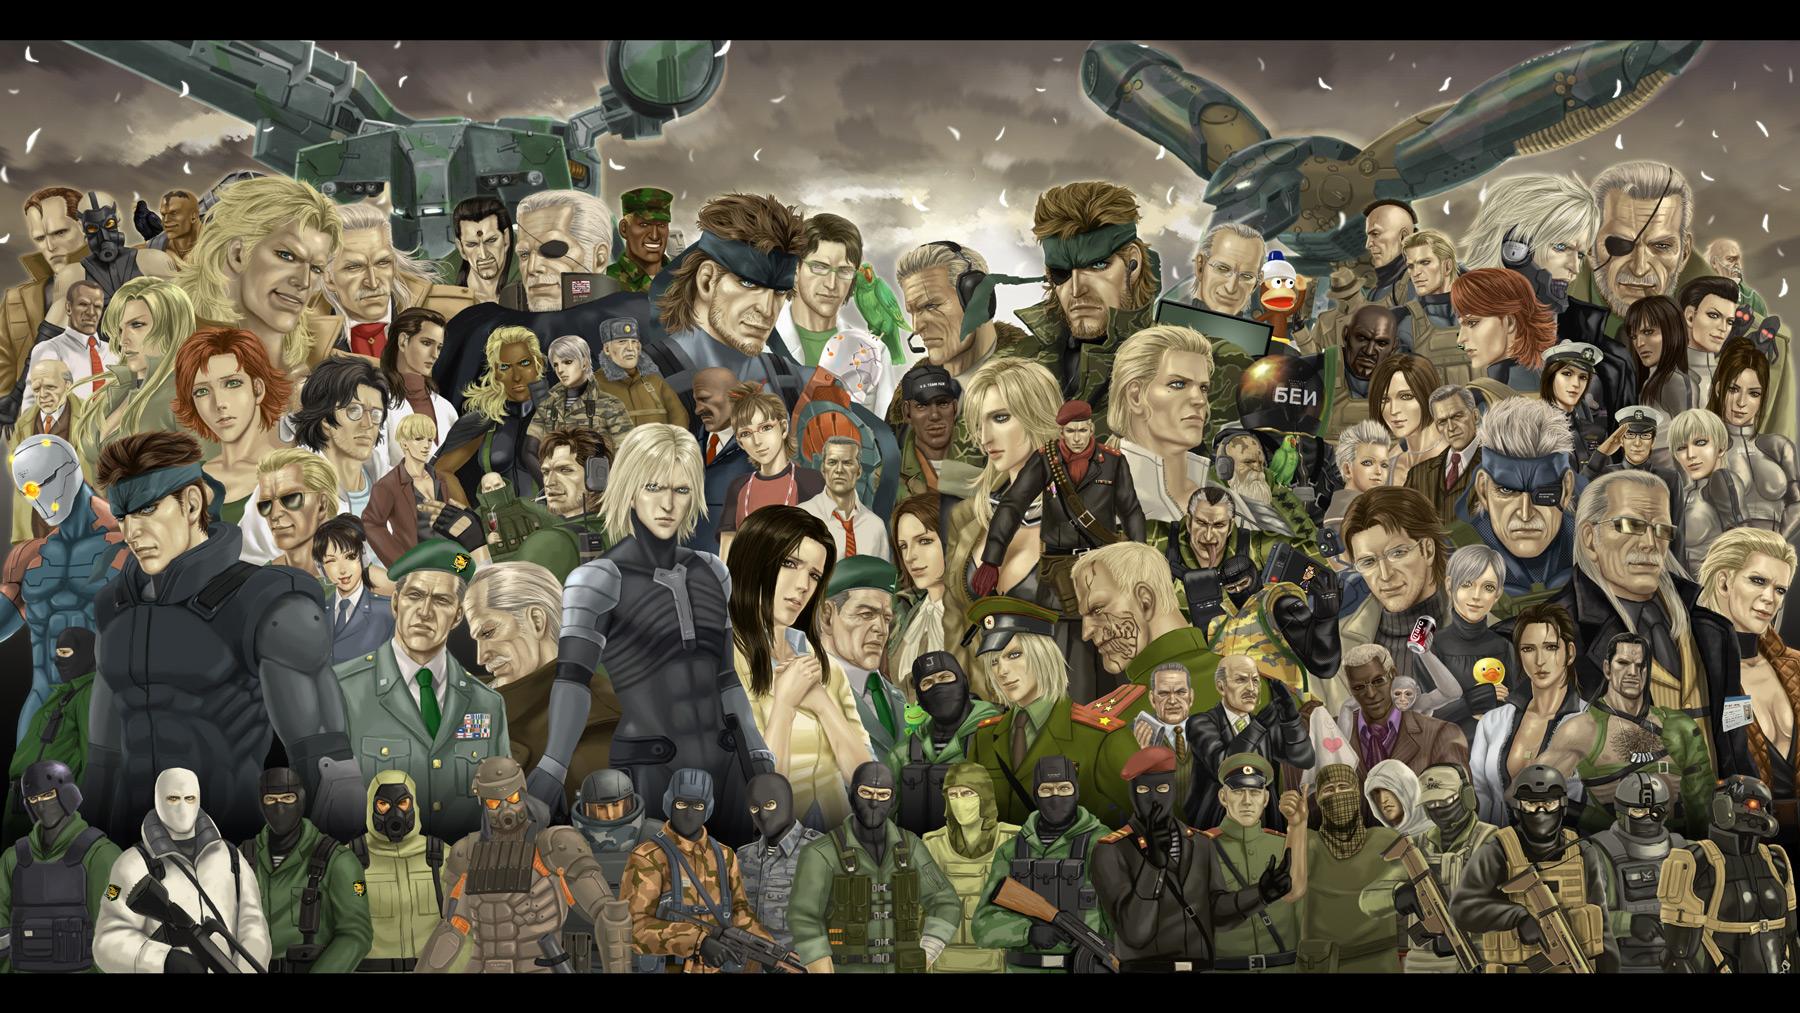 Potvrzena Metal Gear Solid: The Legacy kolekce 80287